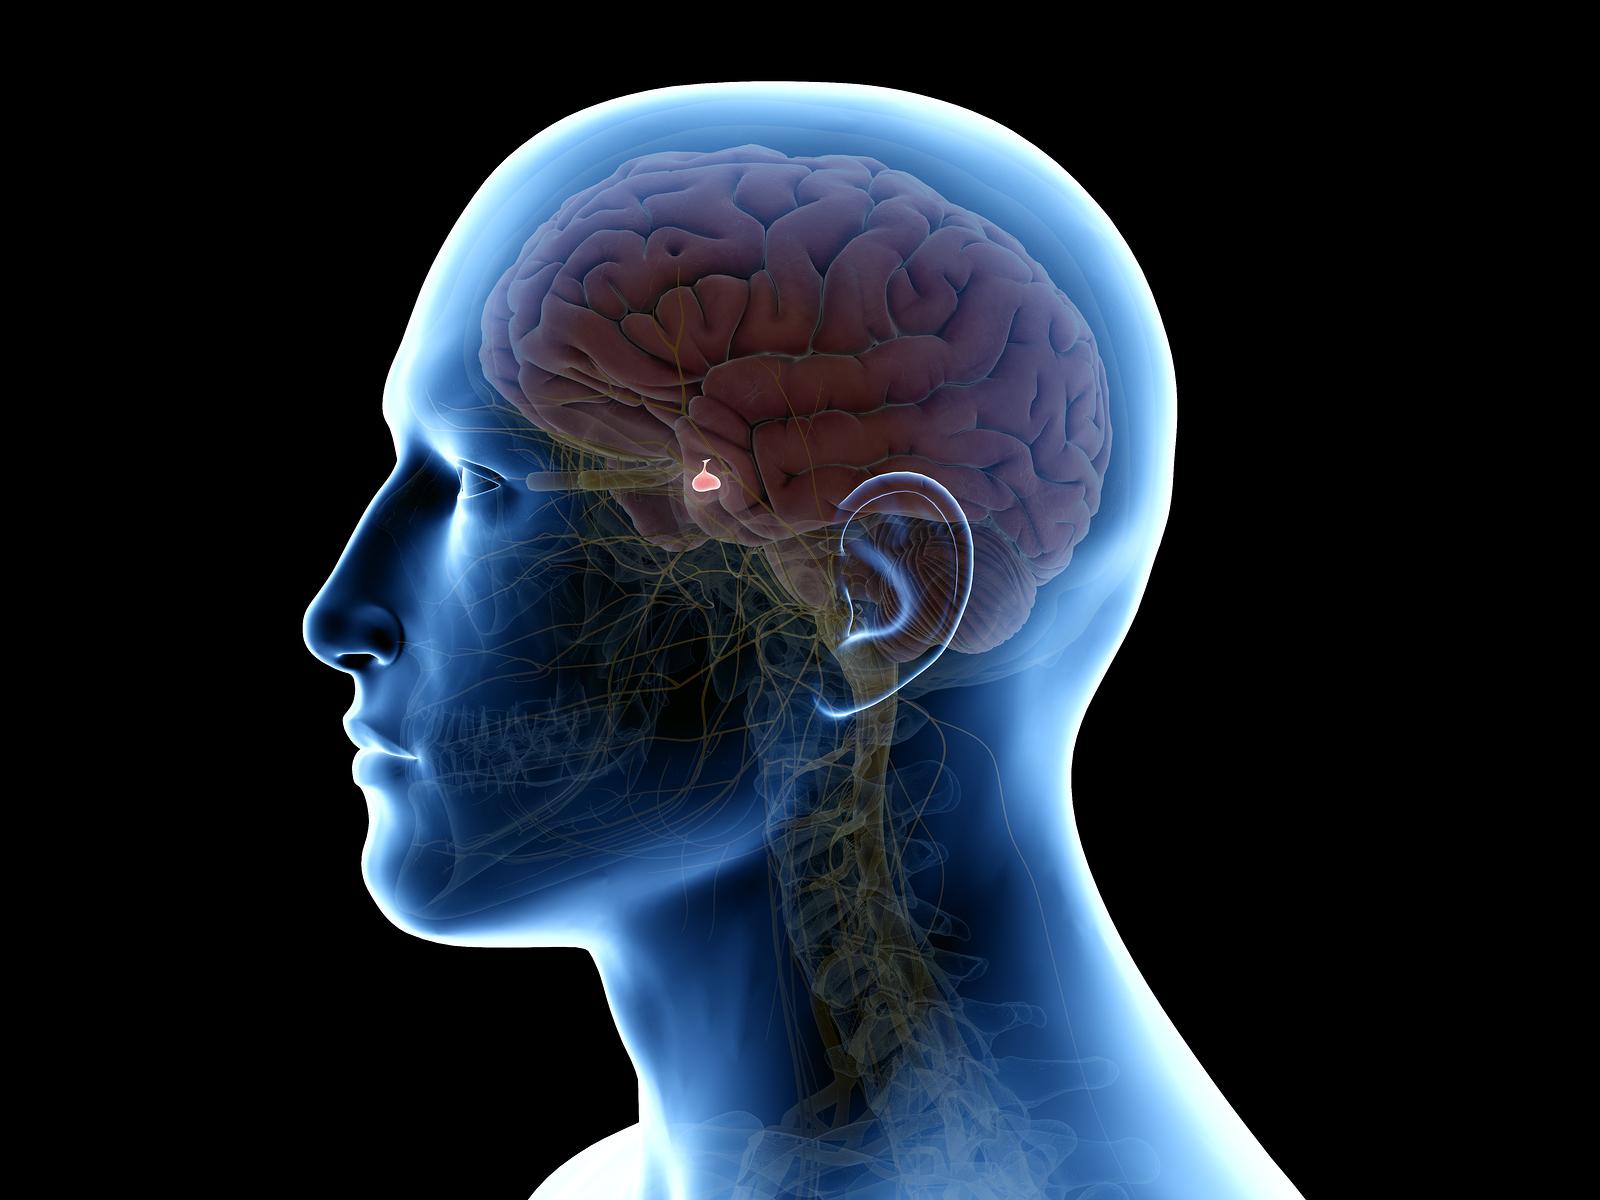 Problemen met de hypofyse zijn problemen voor het hele lichaam